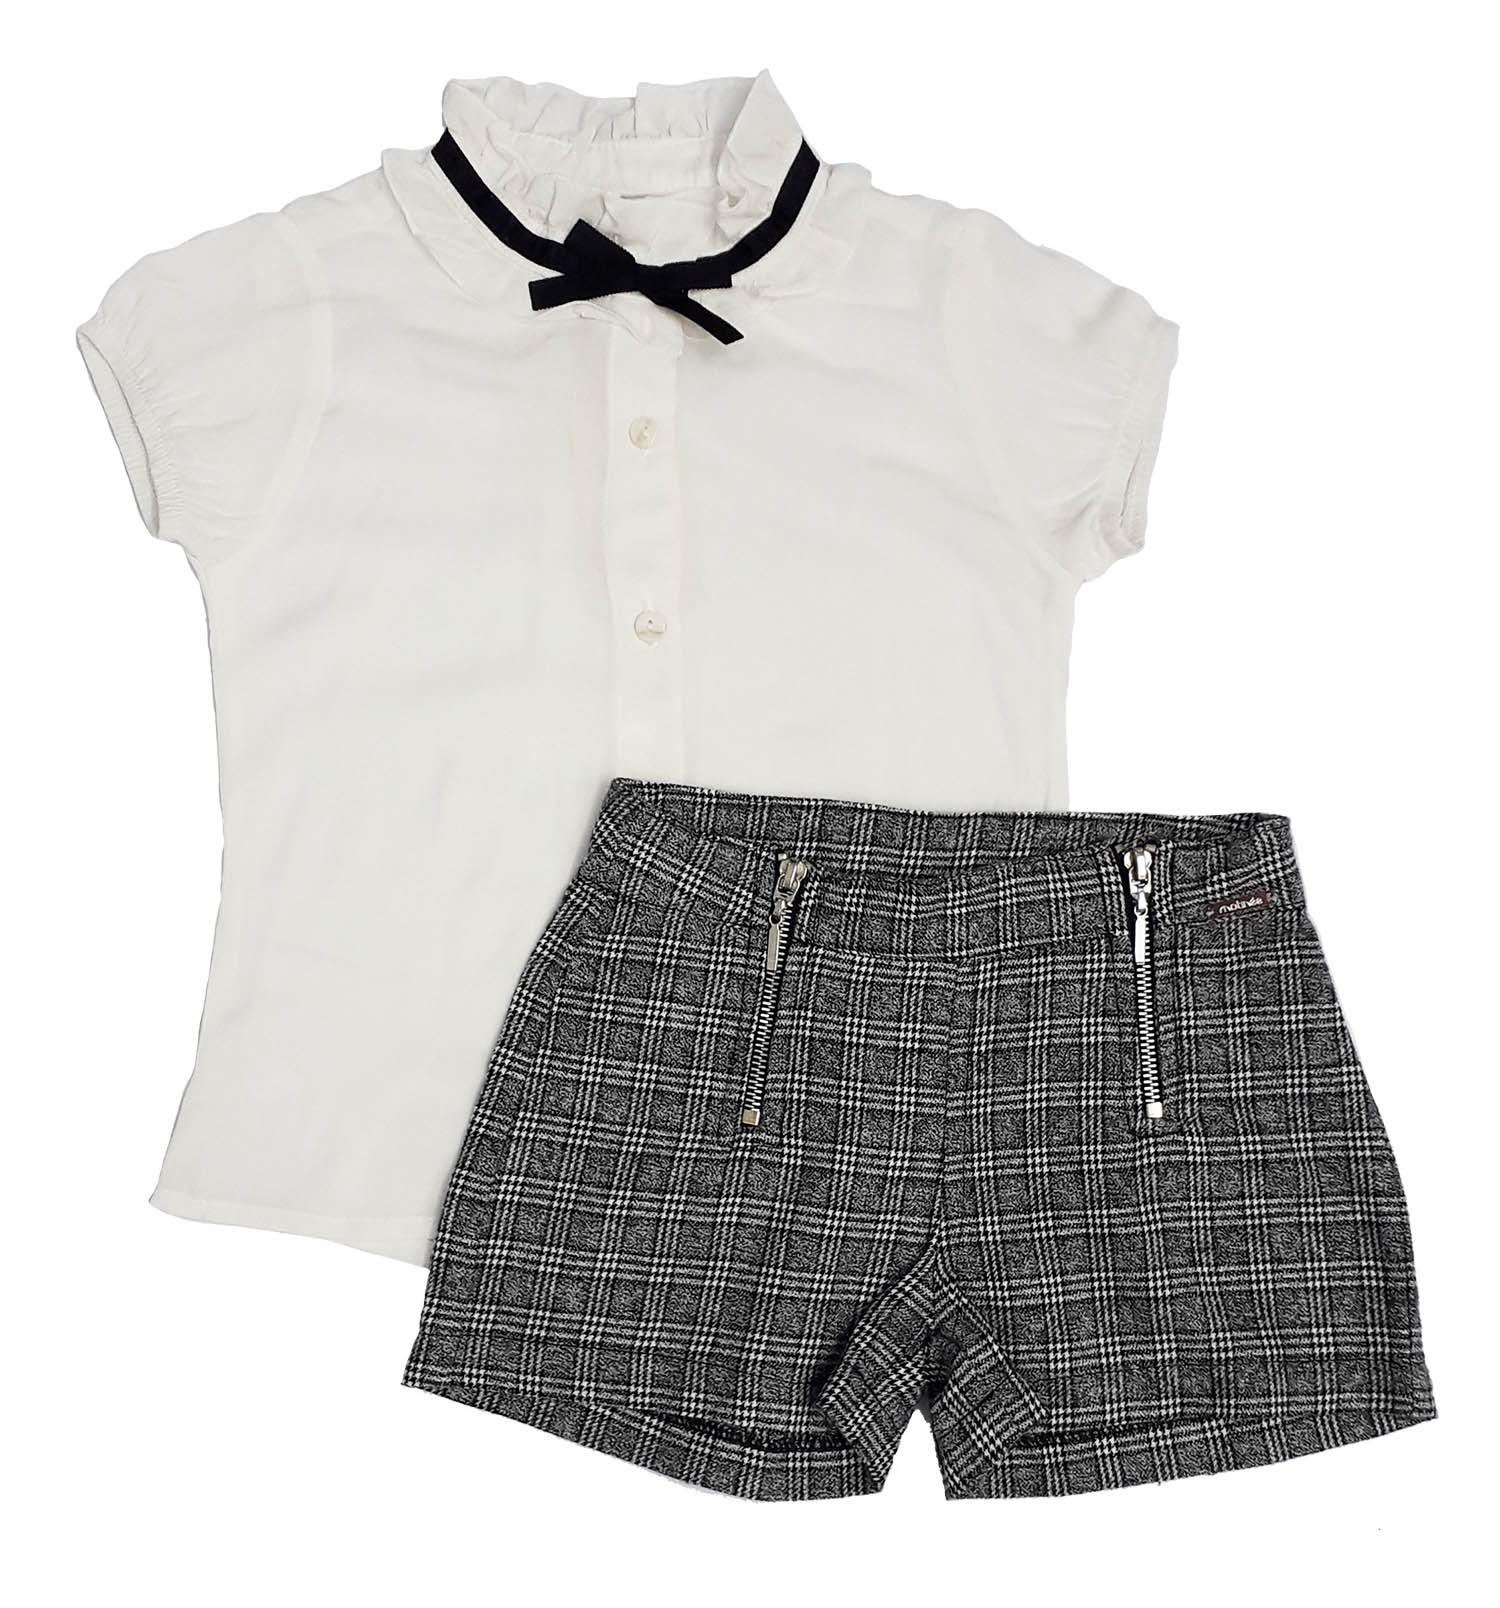 Conjunto Feminino Infantil Blusa Branca com Shorts - Matinée